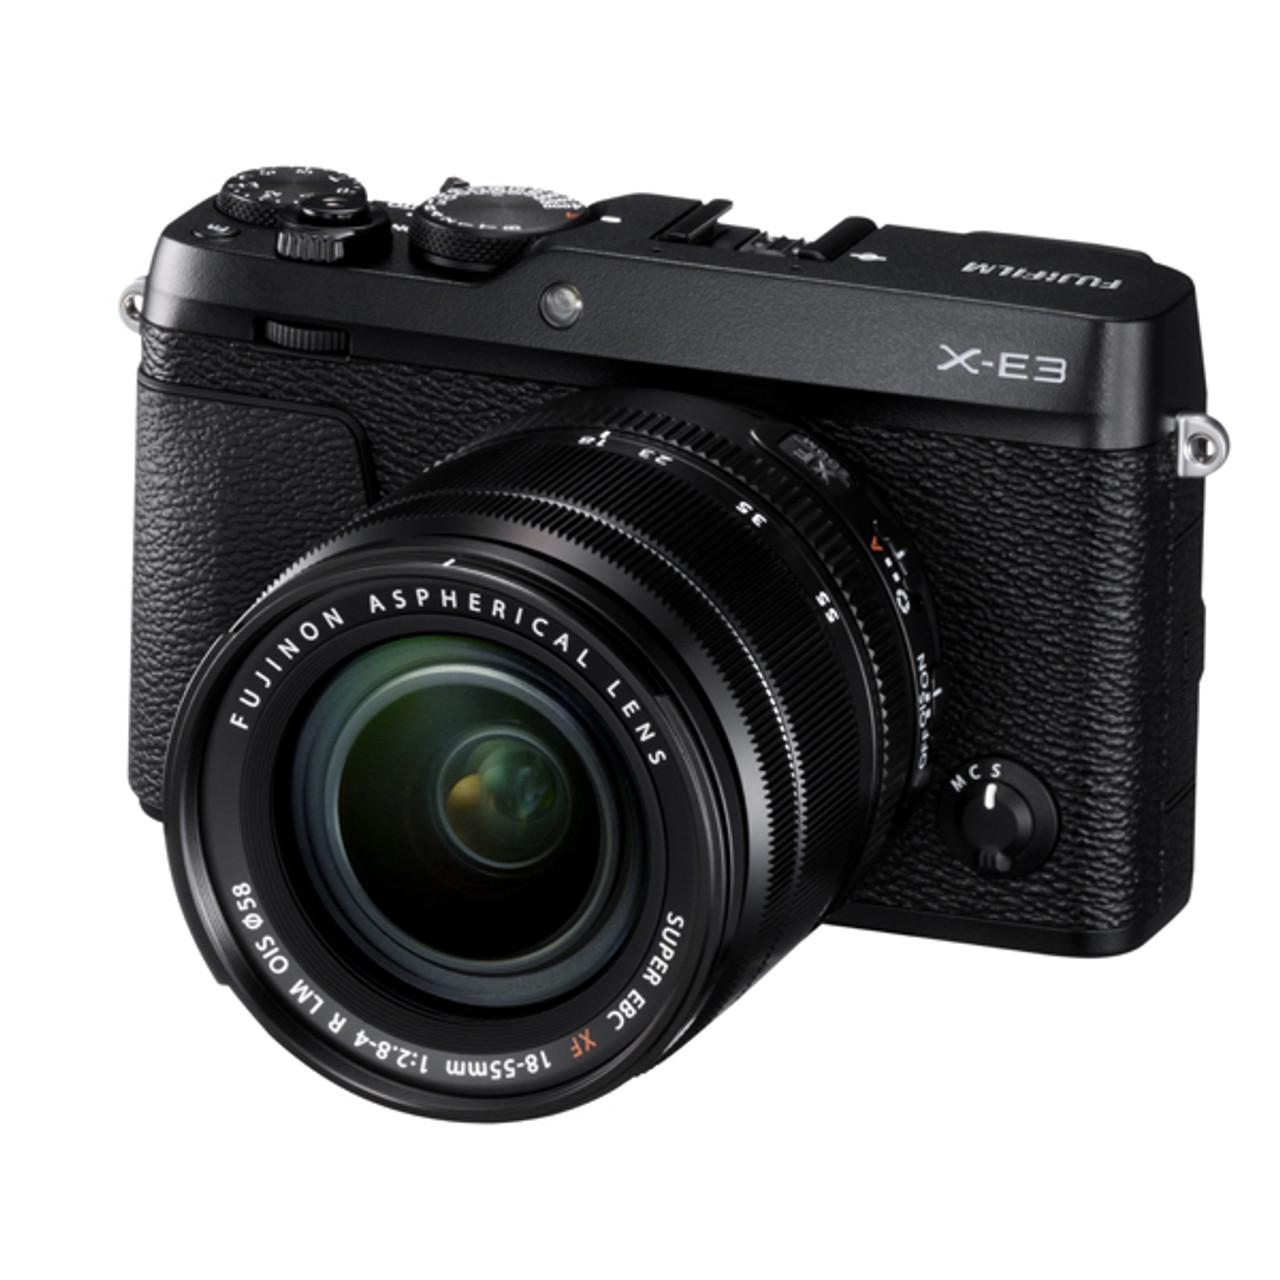 Fujifilm X-E3 18-55mm Kit Black